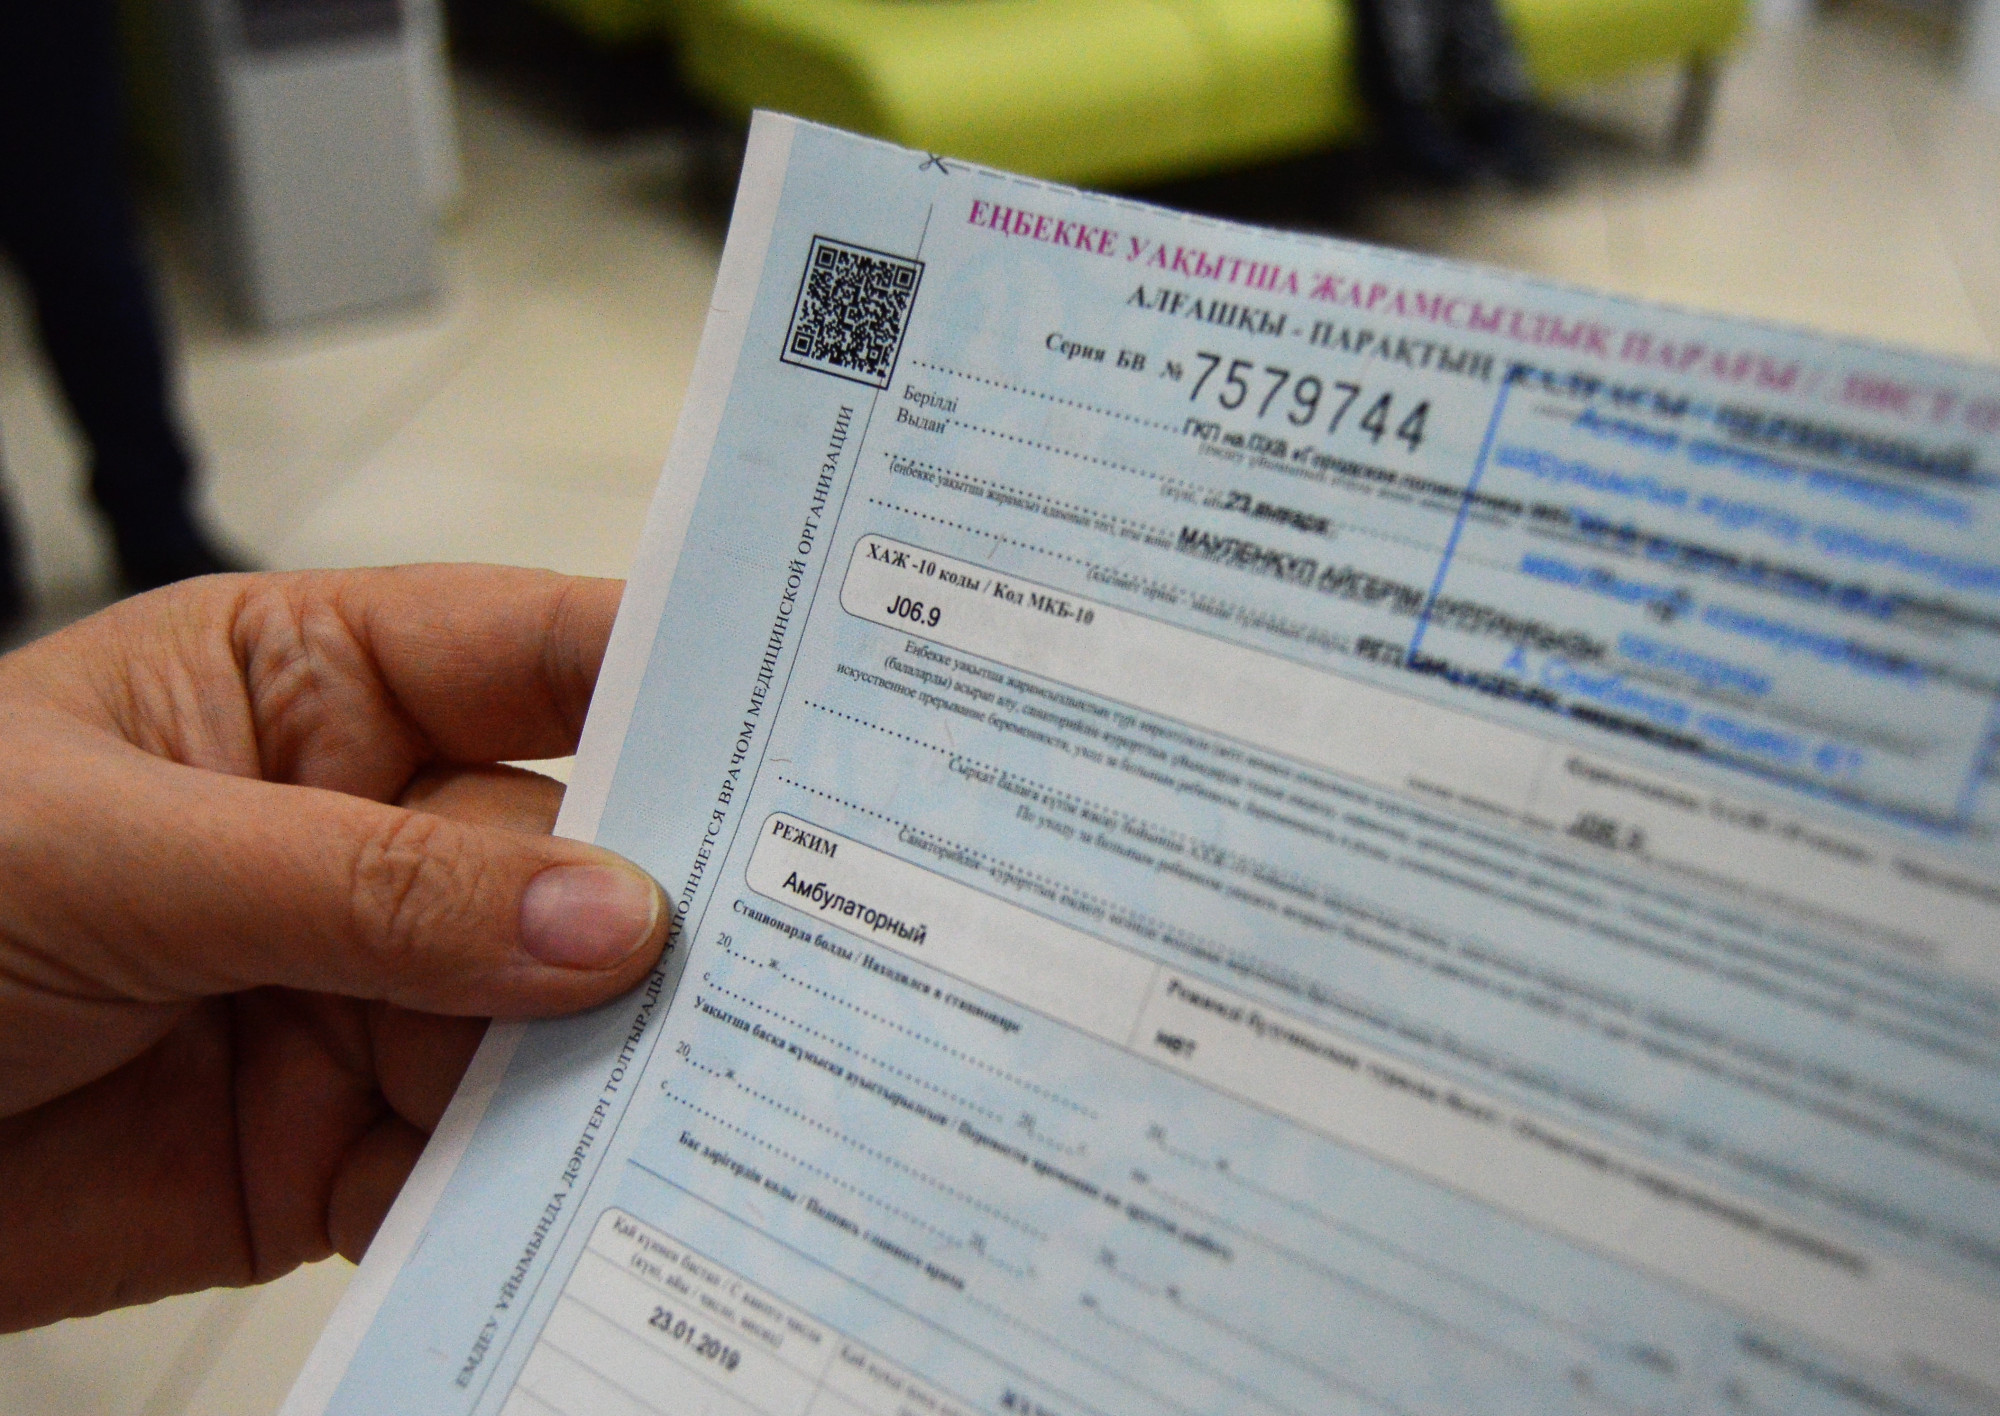 Медсправки с QR-кодами: в Астане ввели защиту от подделок